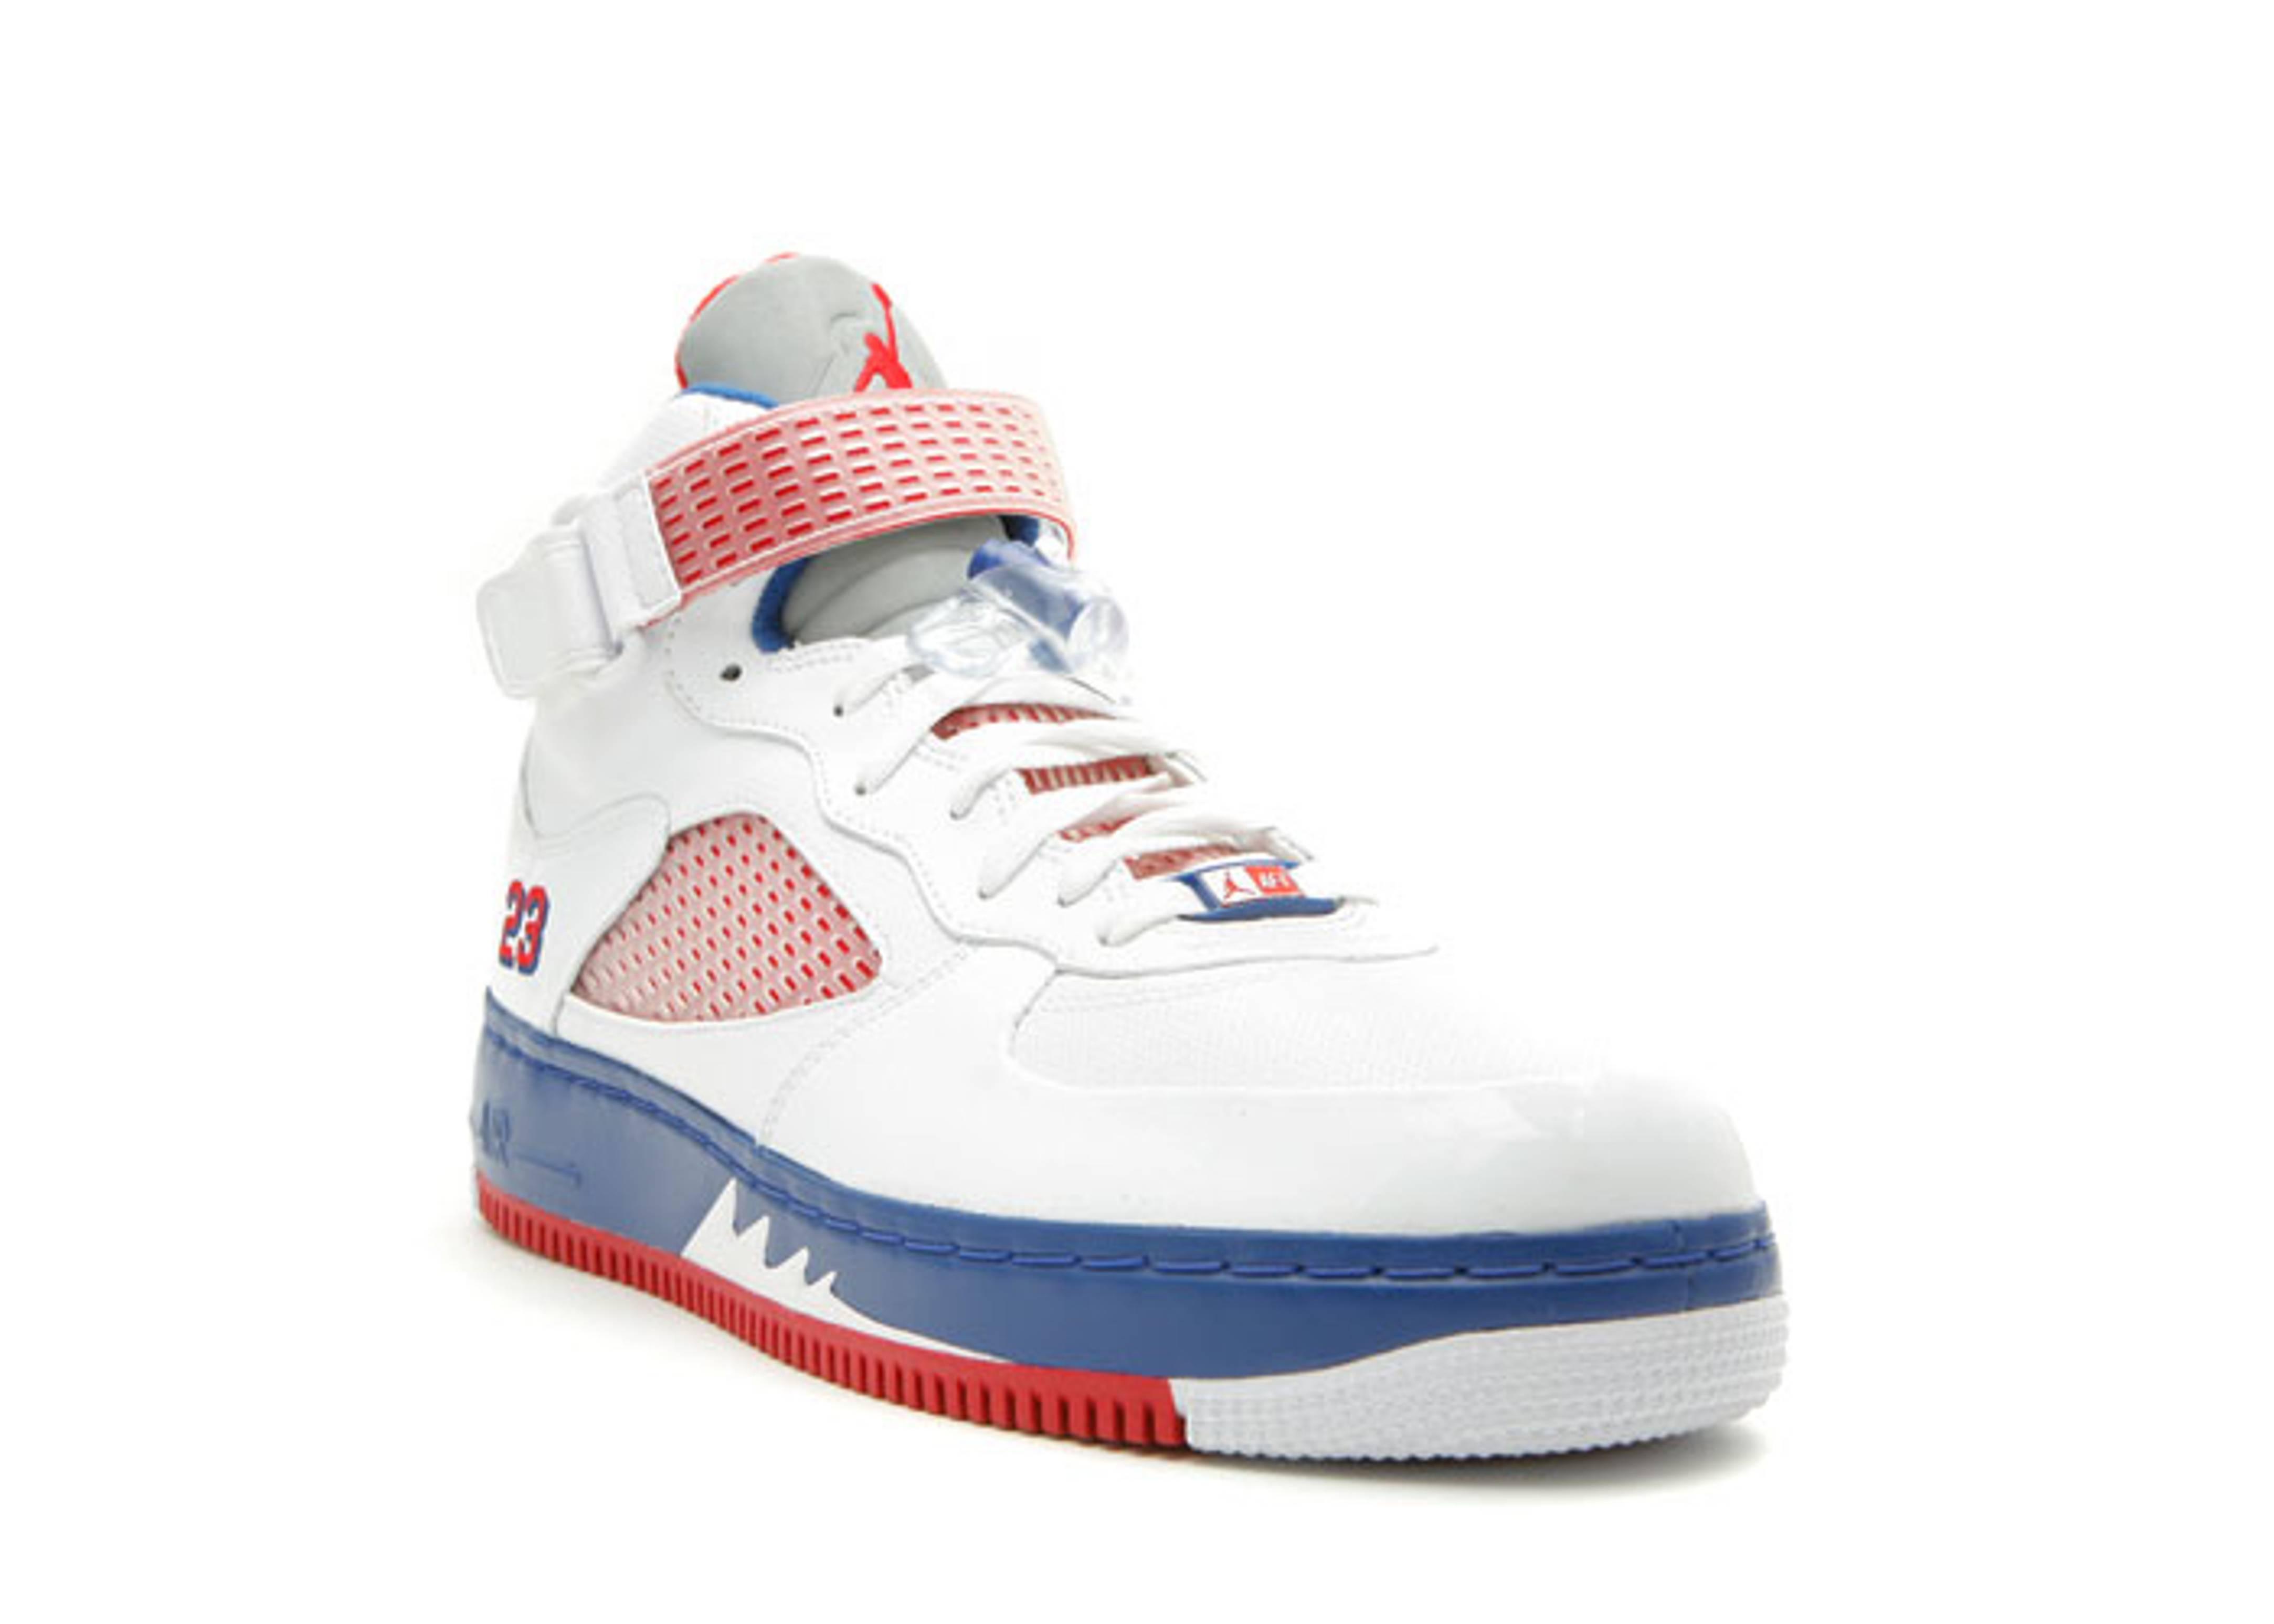 e453cd09f31b62 Air Jordan 5 Fusion